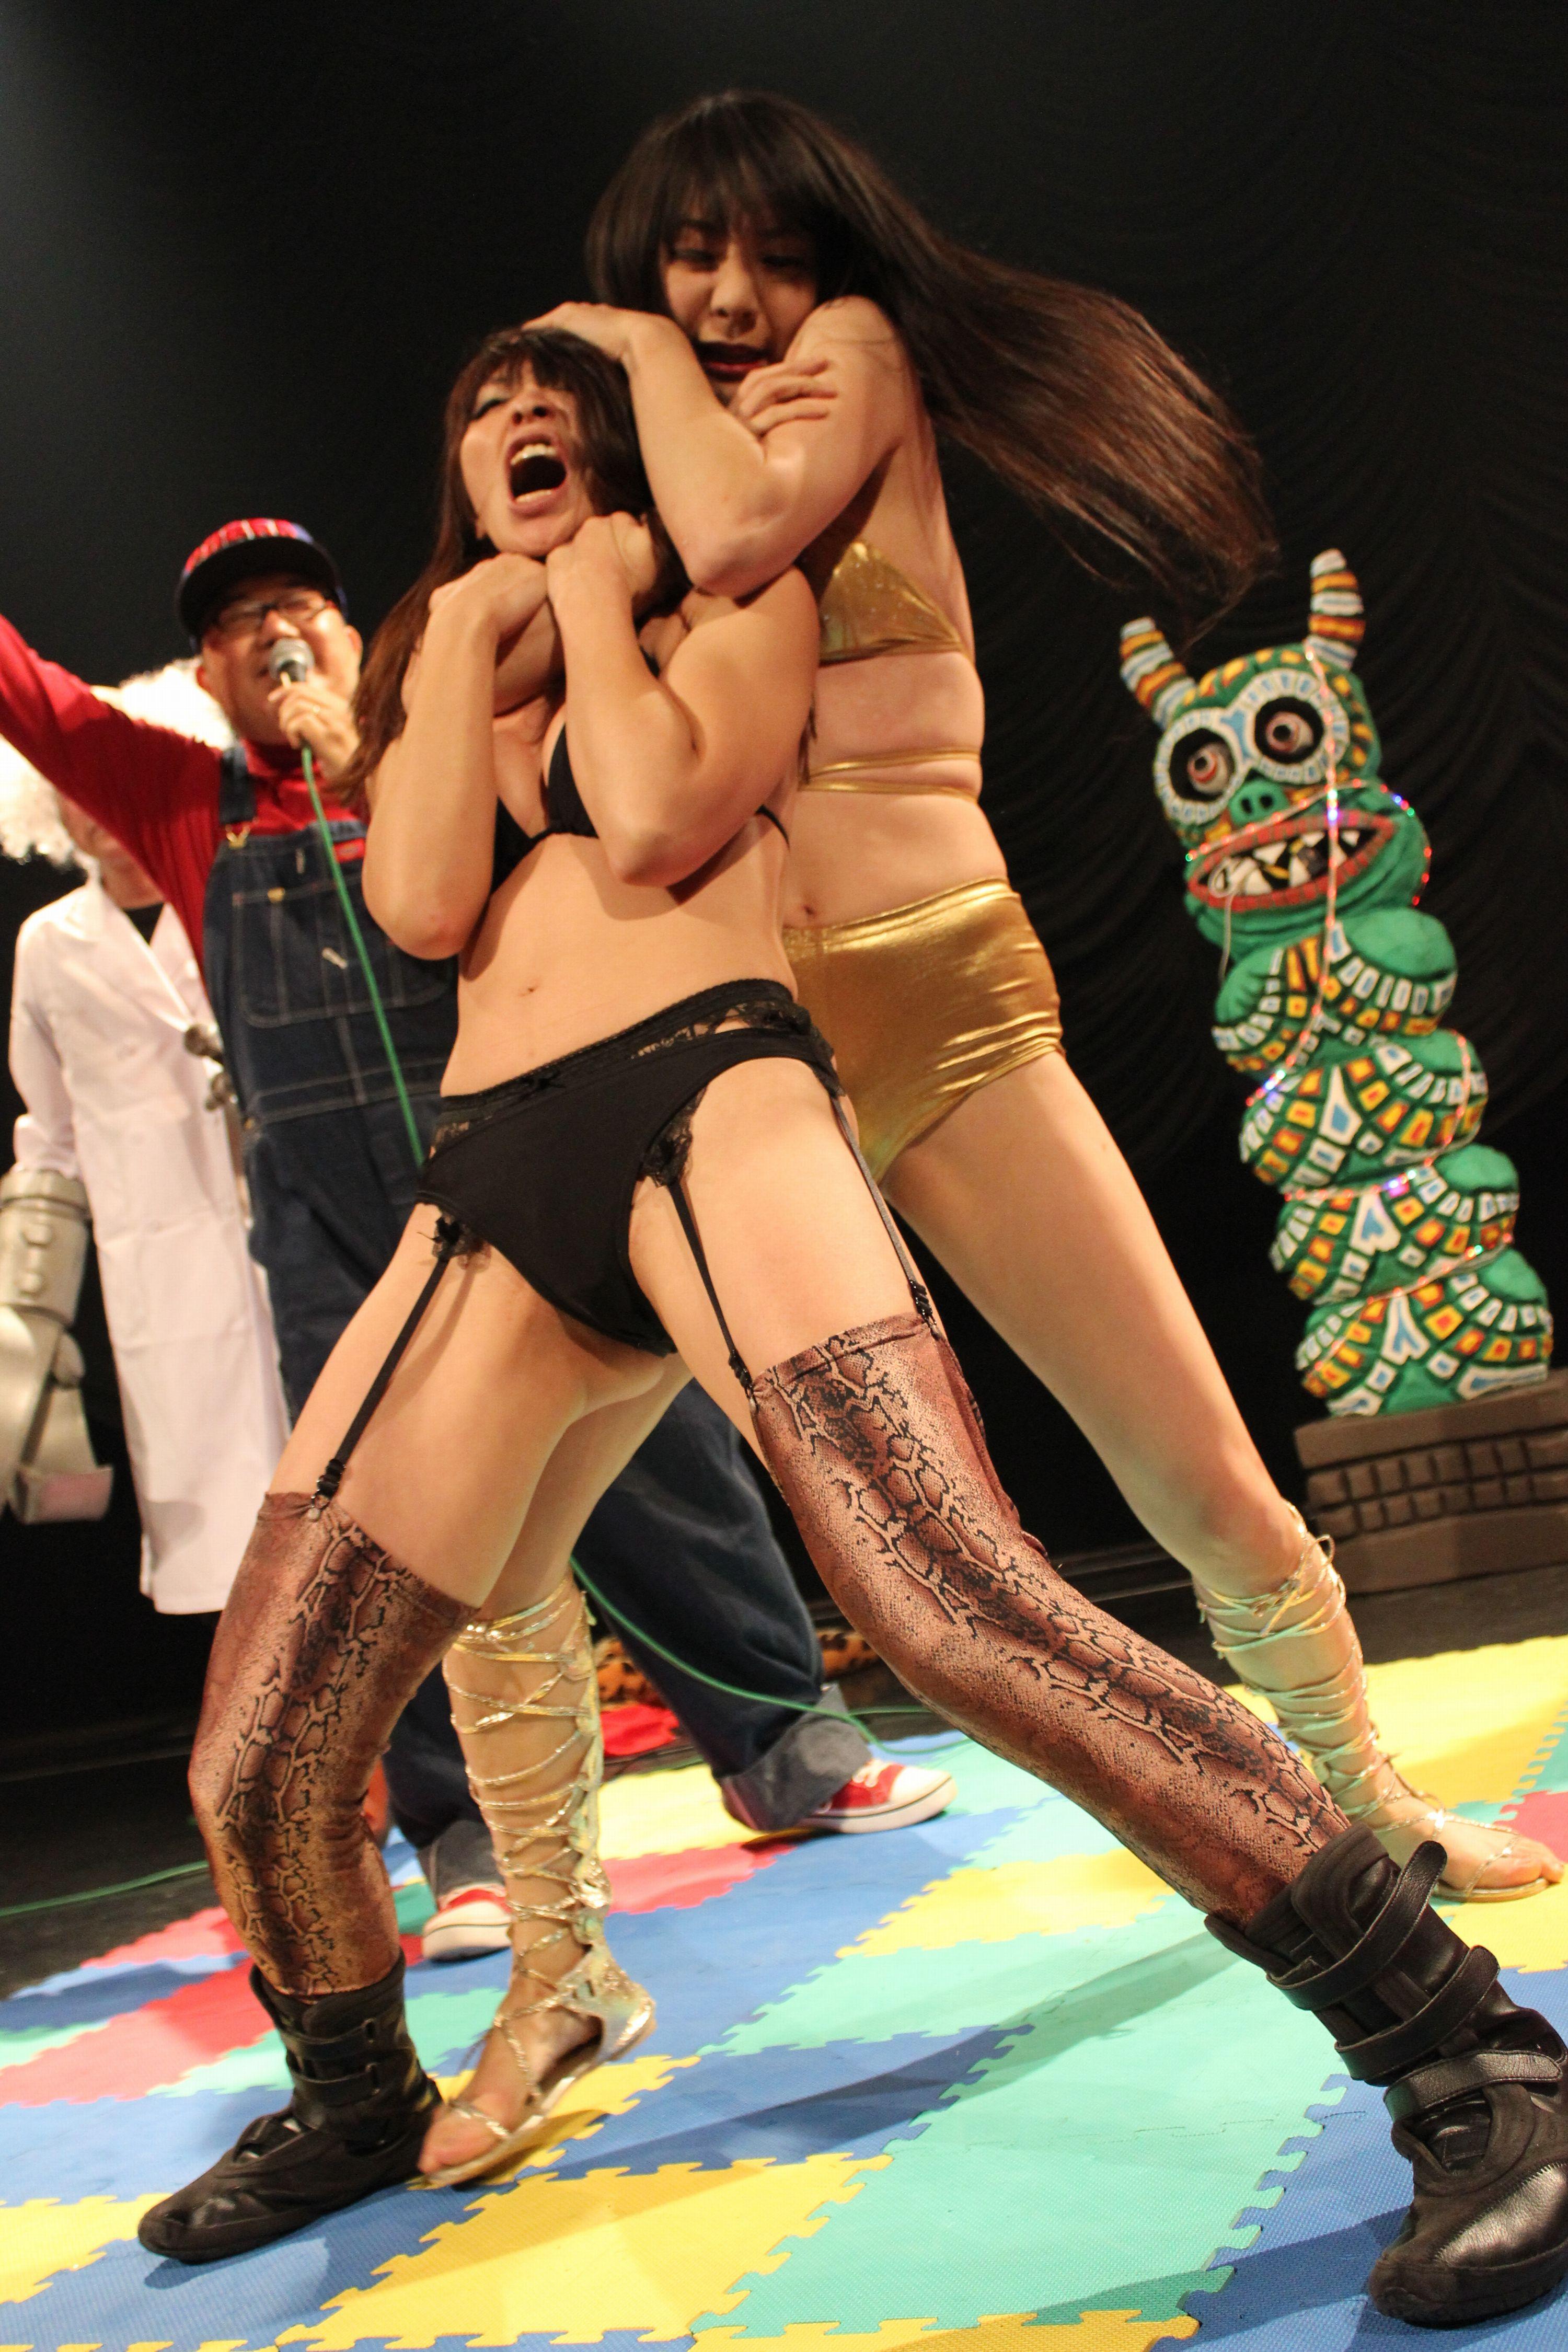 デパートメントH 2099@鶯谷東京キネマ倶楽部 2014年12月~中野貴雄監督のキャットファイト~